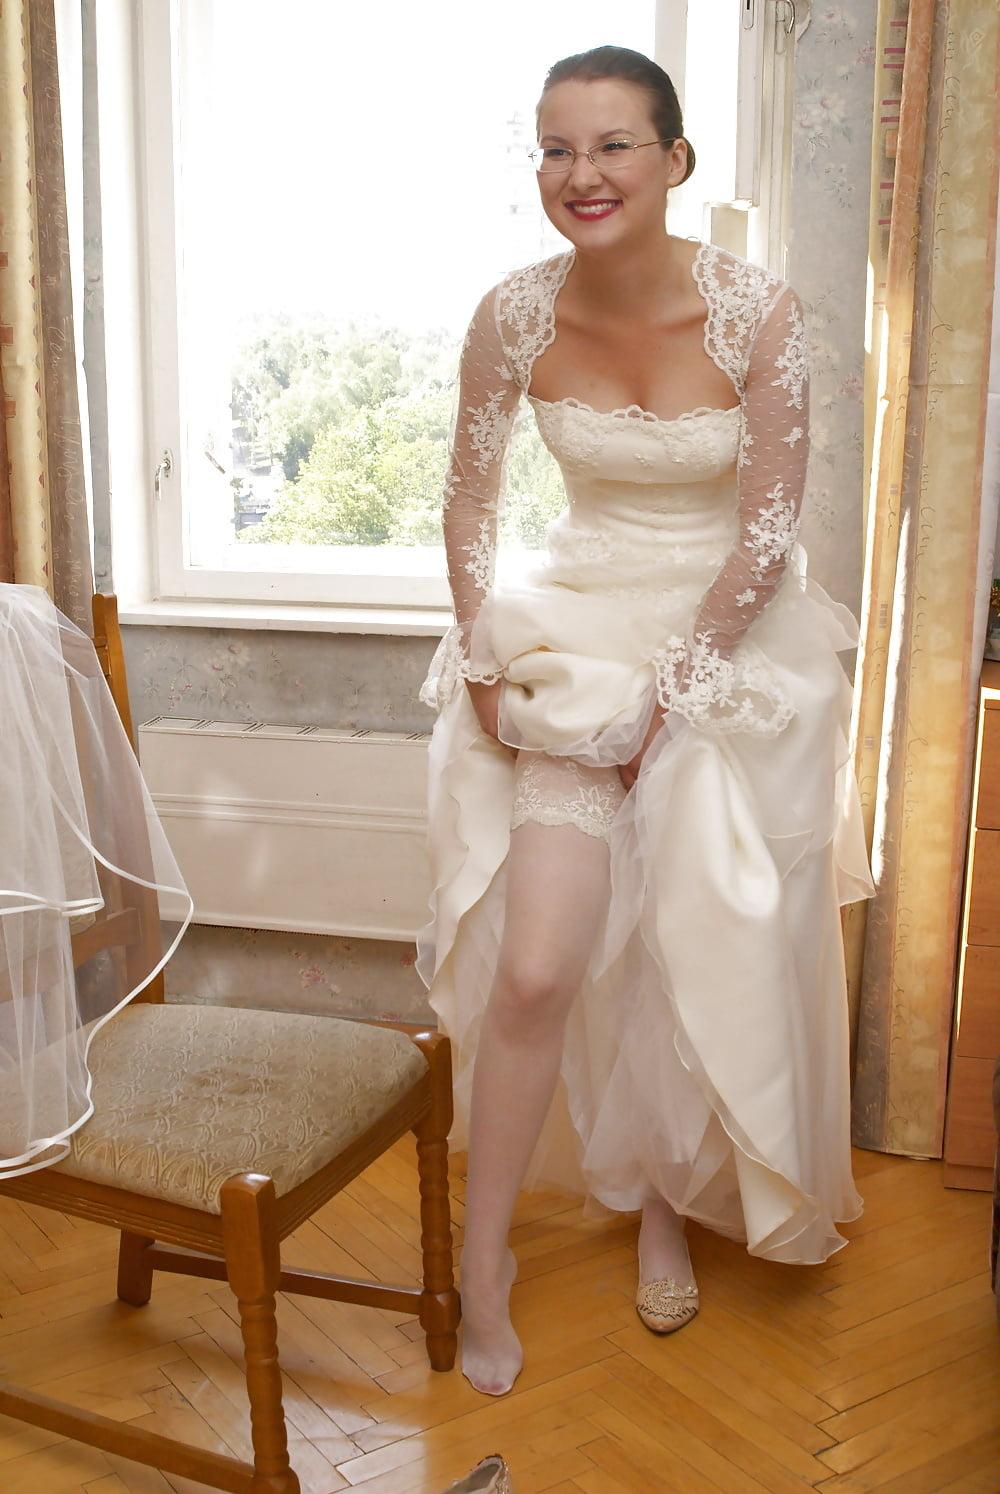 v-svadebnom-plate-trahnul-gospozha-muzhik